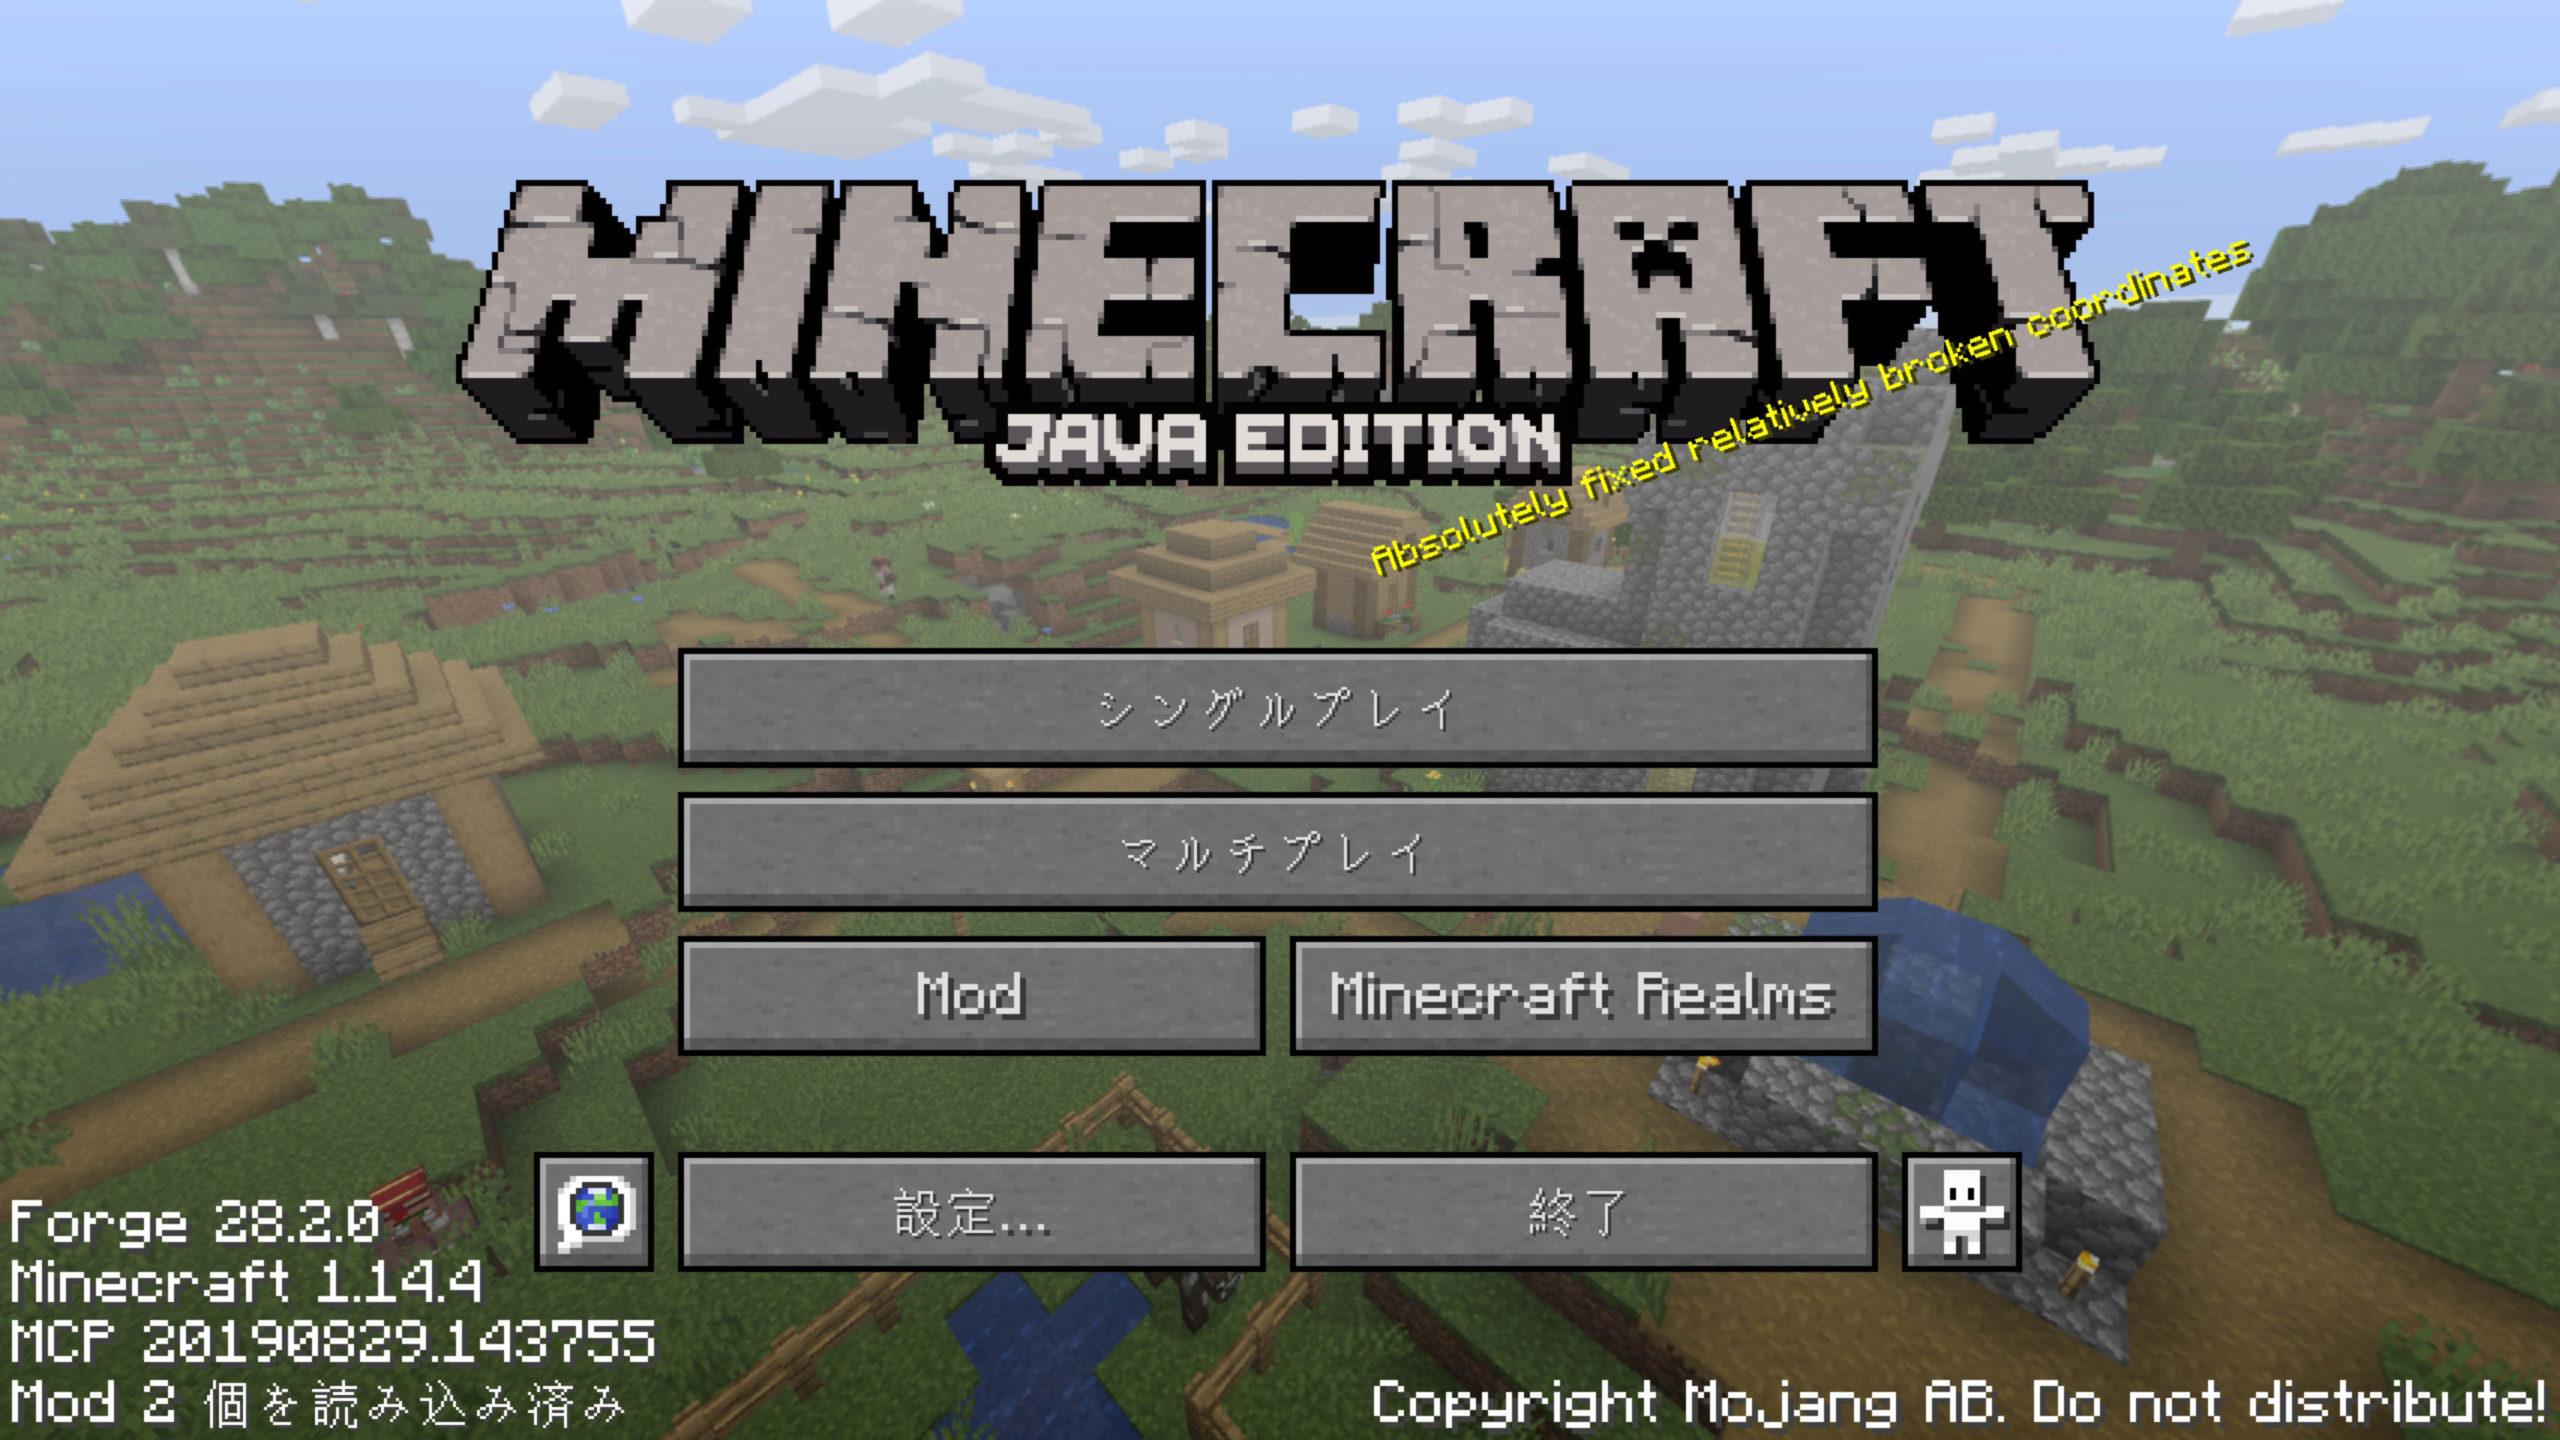 方 入れ 影 mod Minecraft 低スペックPCで使える軽い影